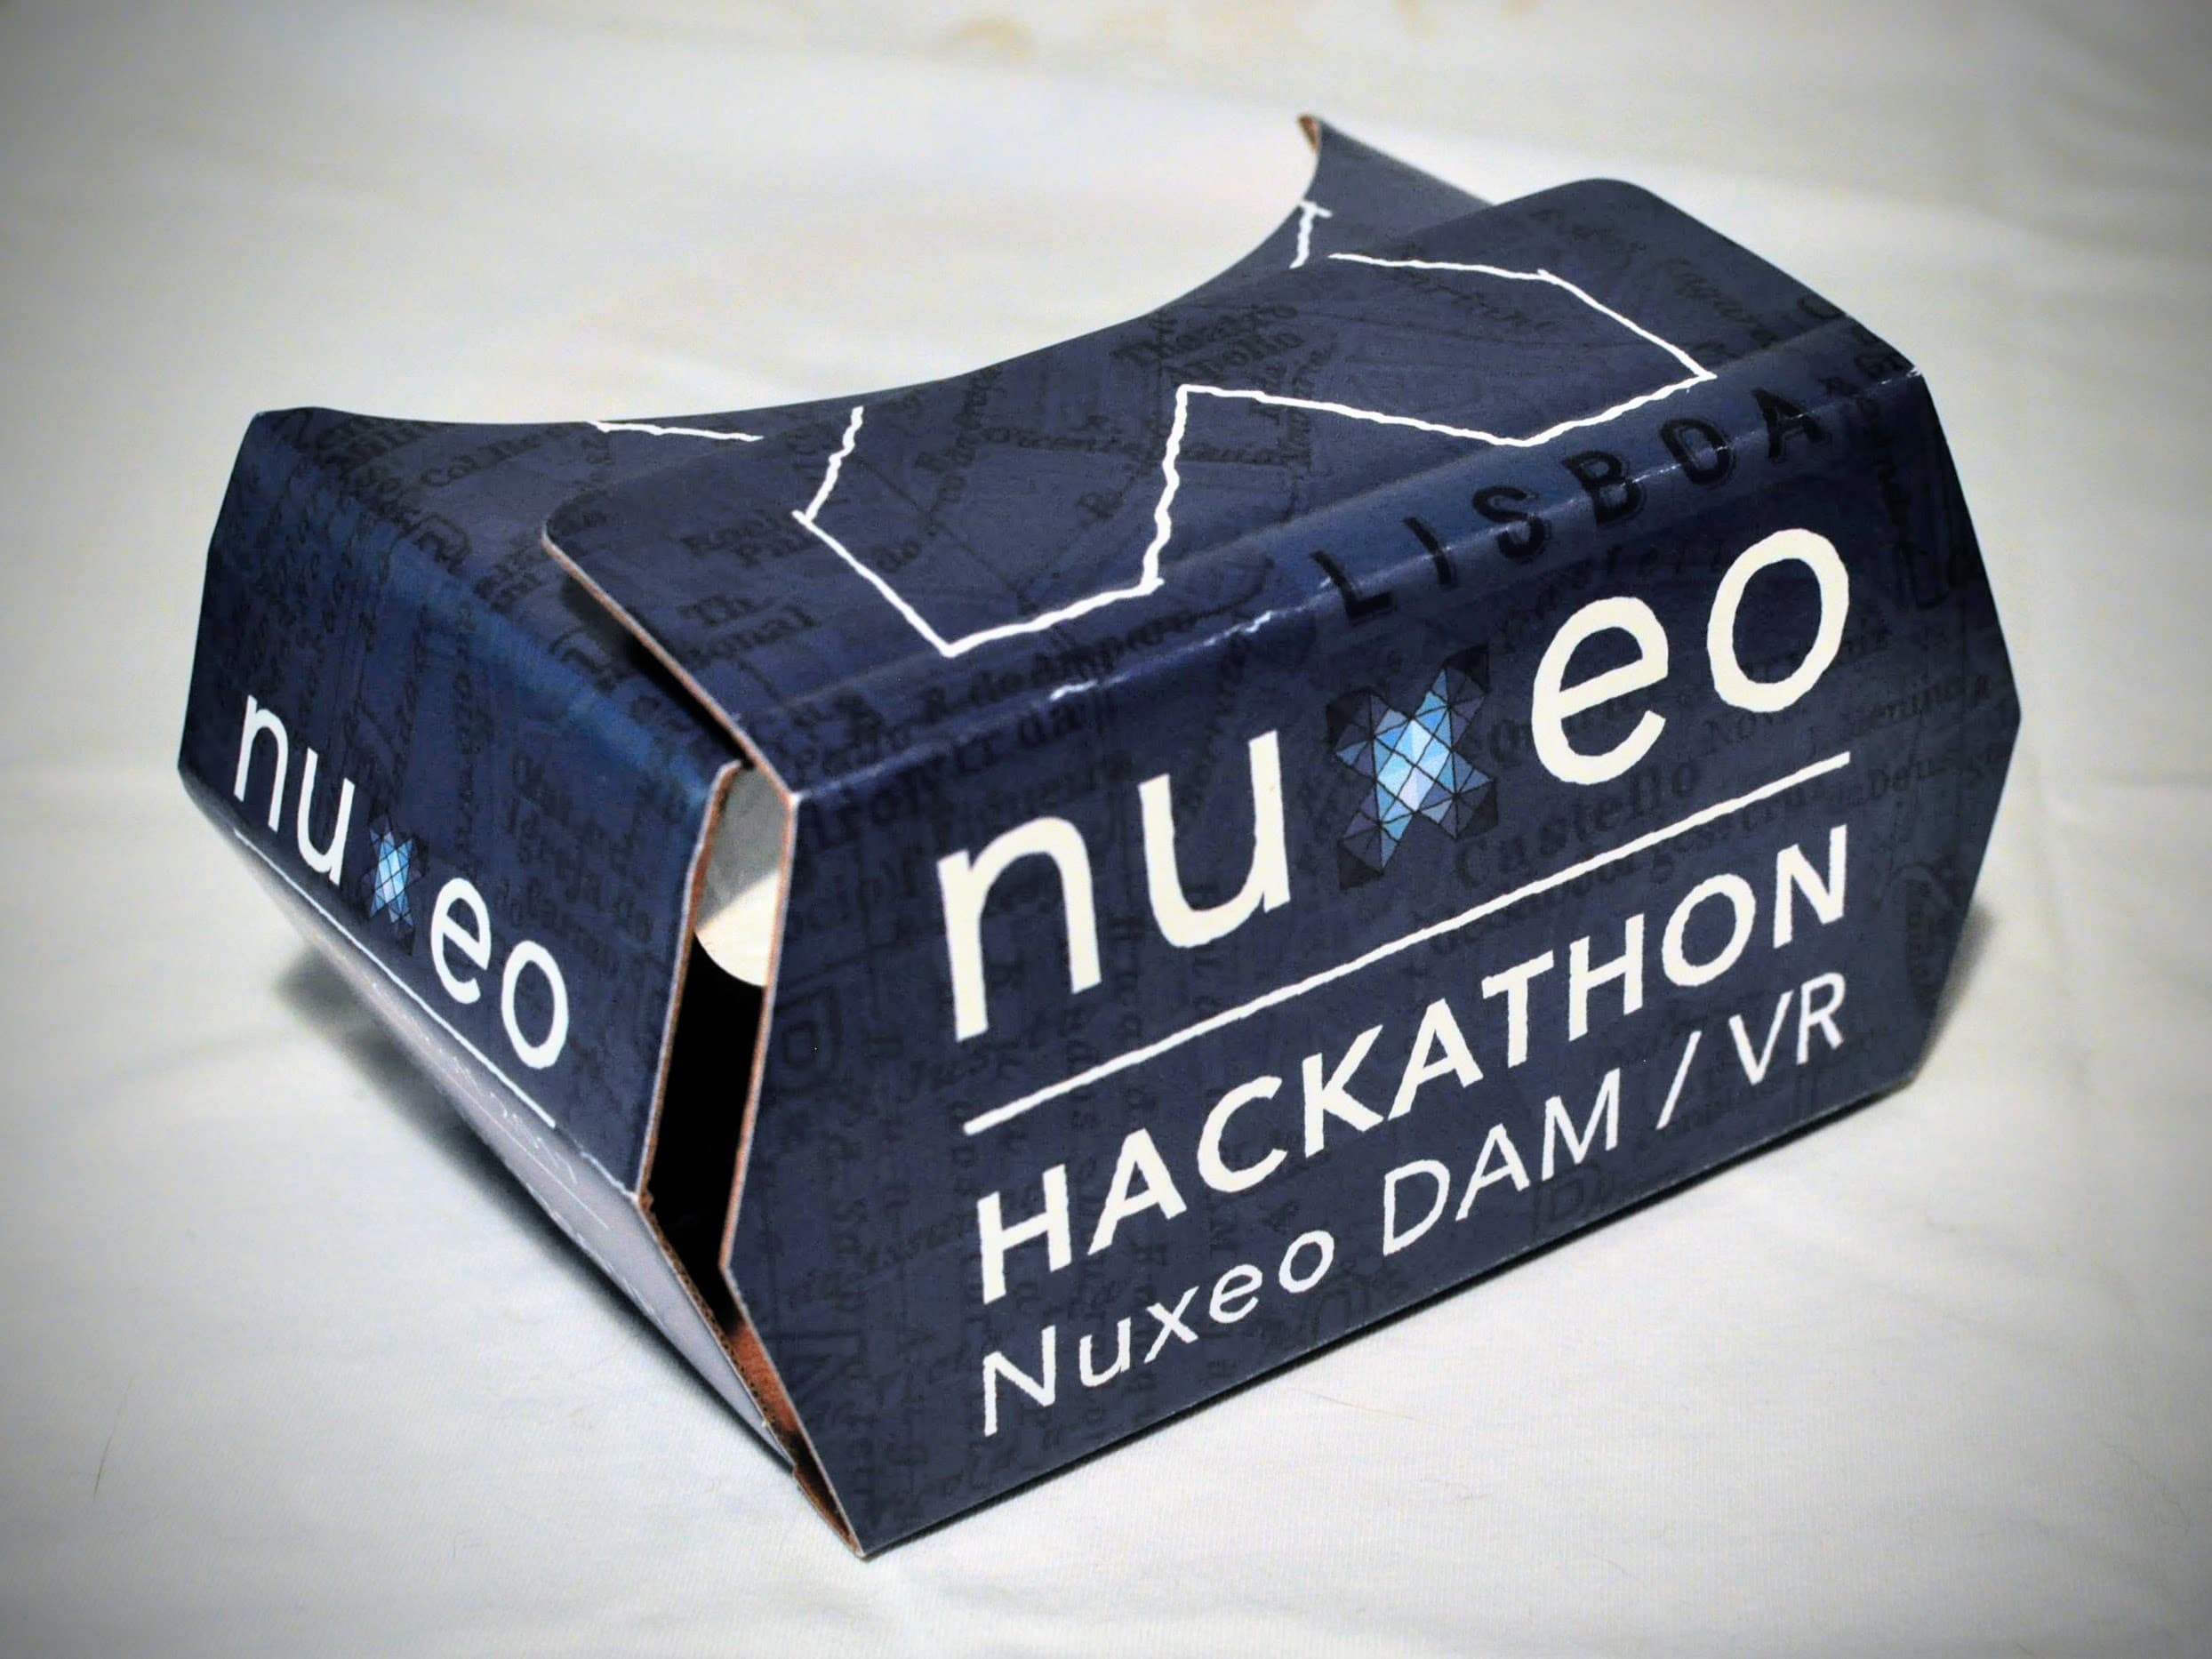 Nuxeo Cardboard - Hackathon DAM/VR